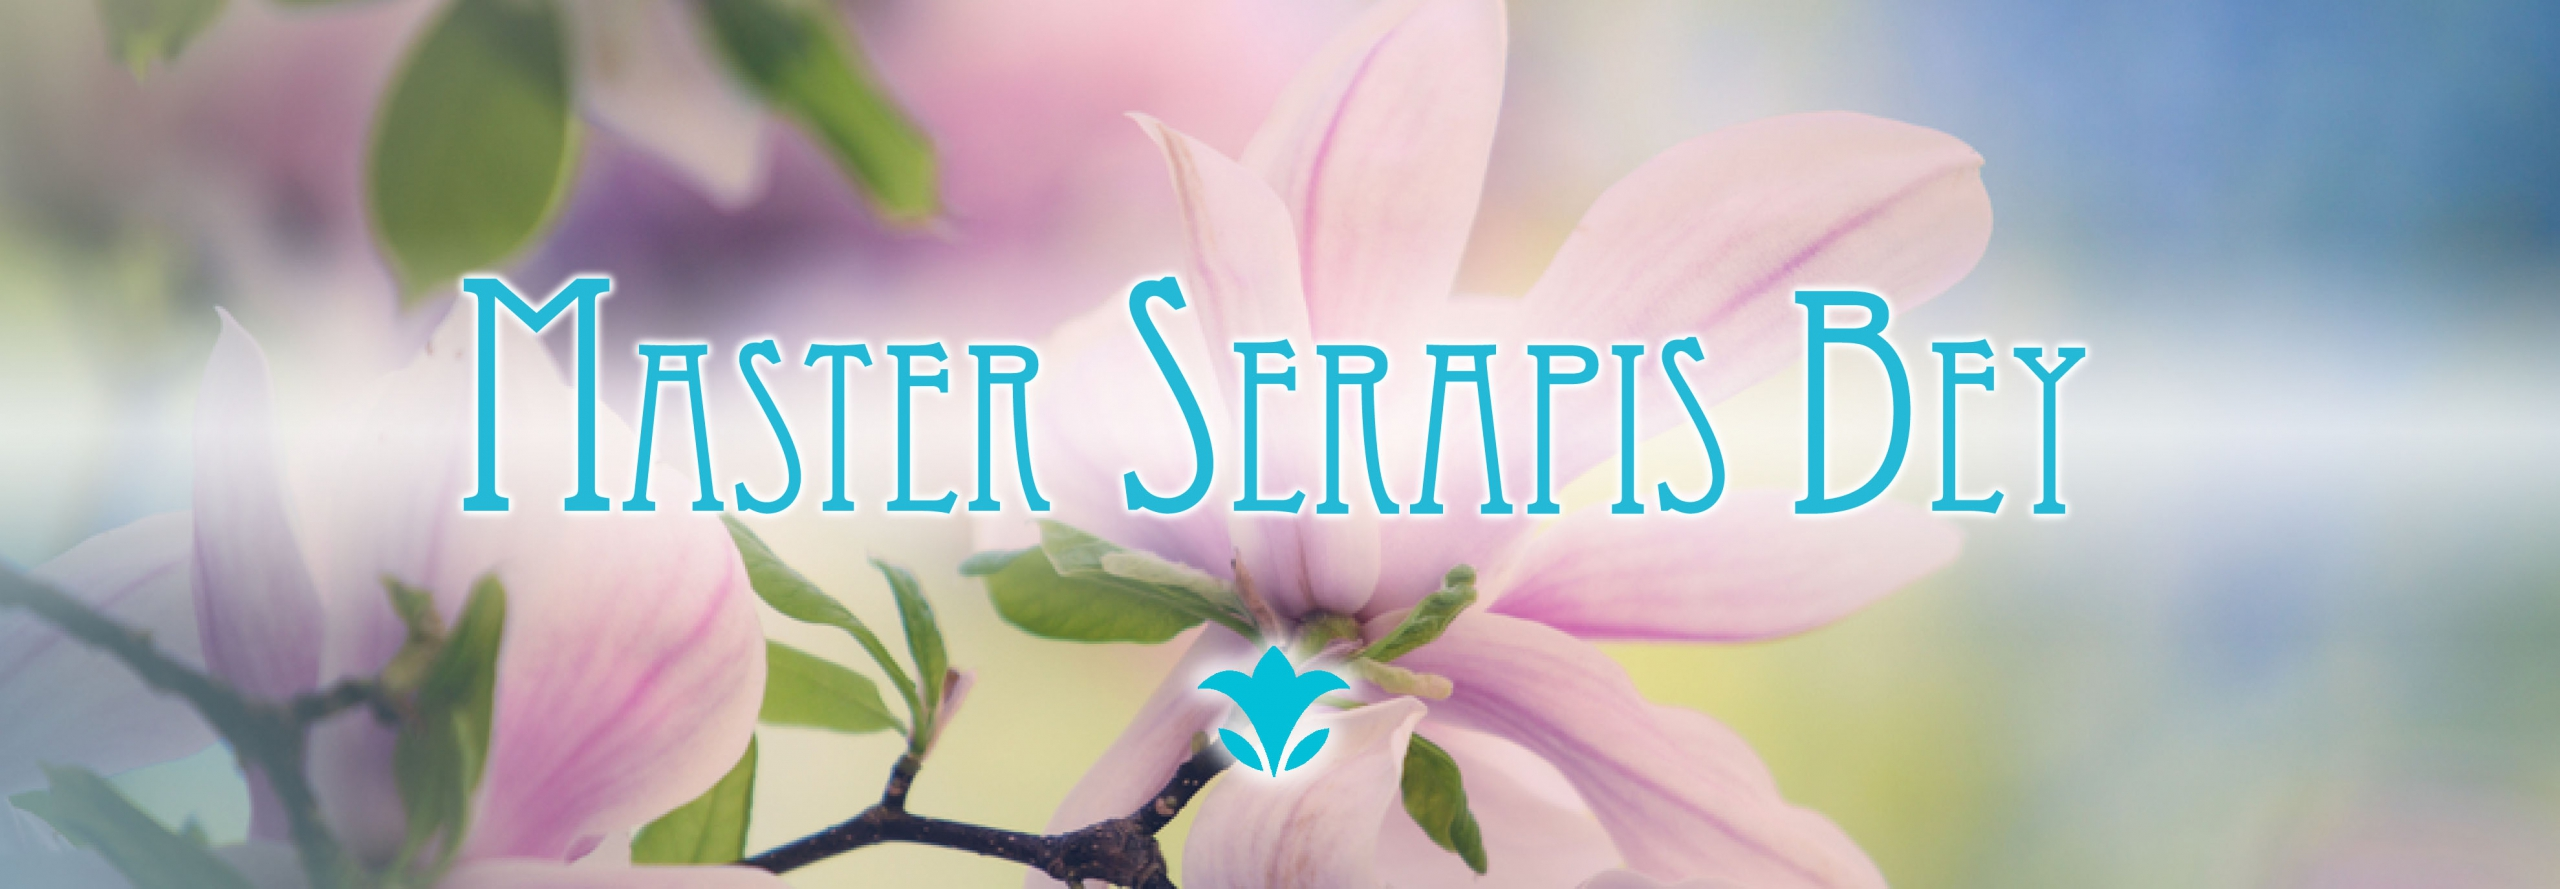 serapis_bey_web (1)